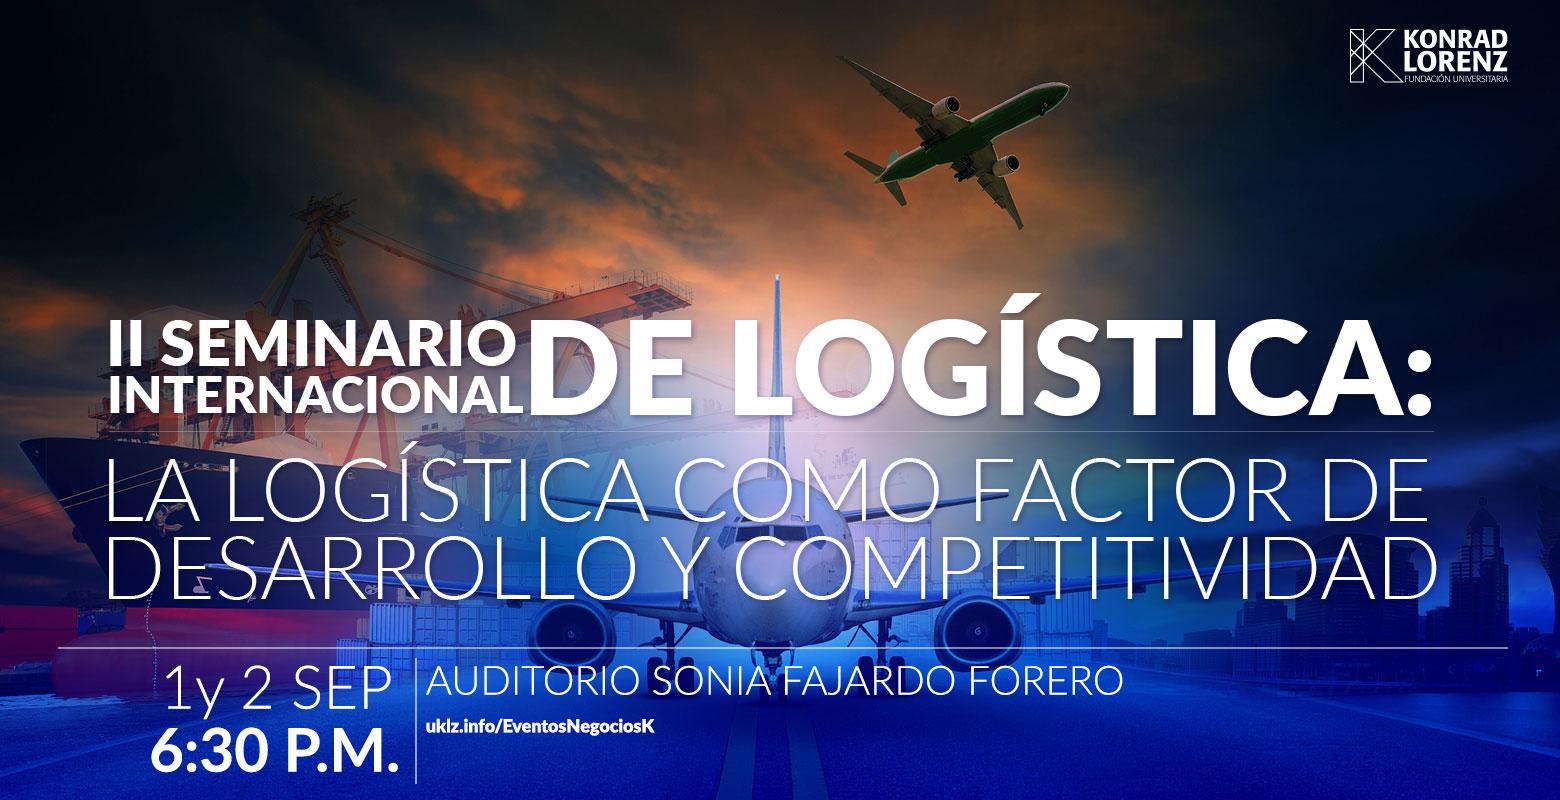 II Seminario Internacional de Logística: La Logística como Factor de Desarrollo y Competitividad